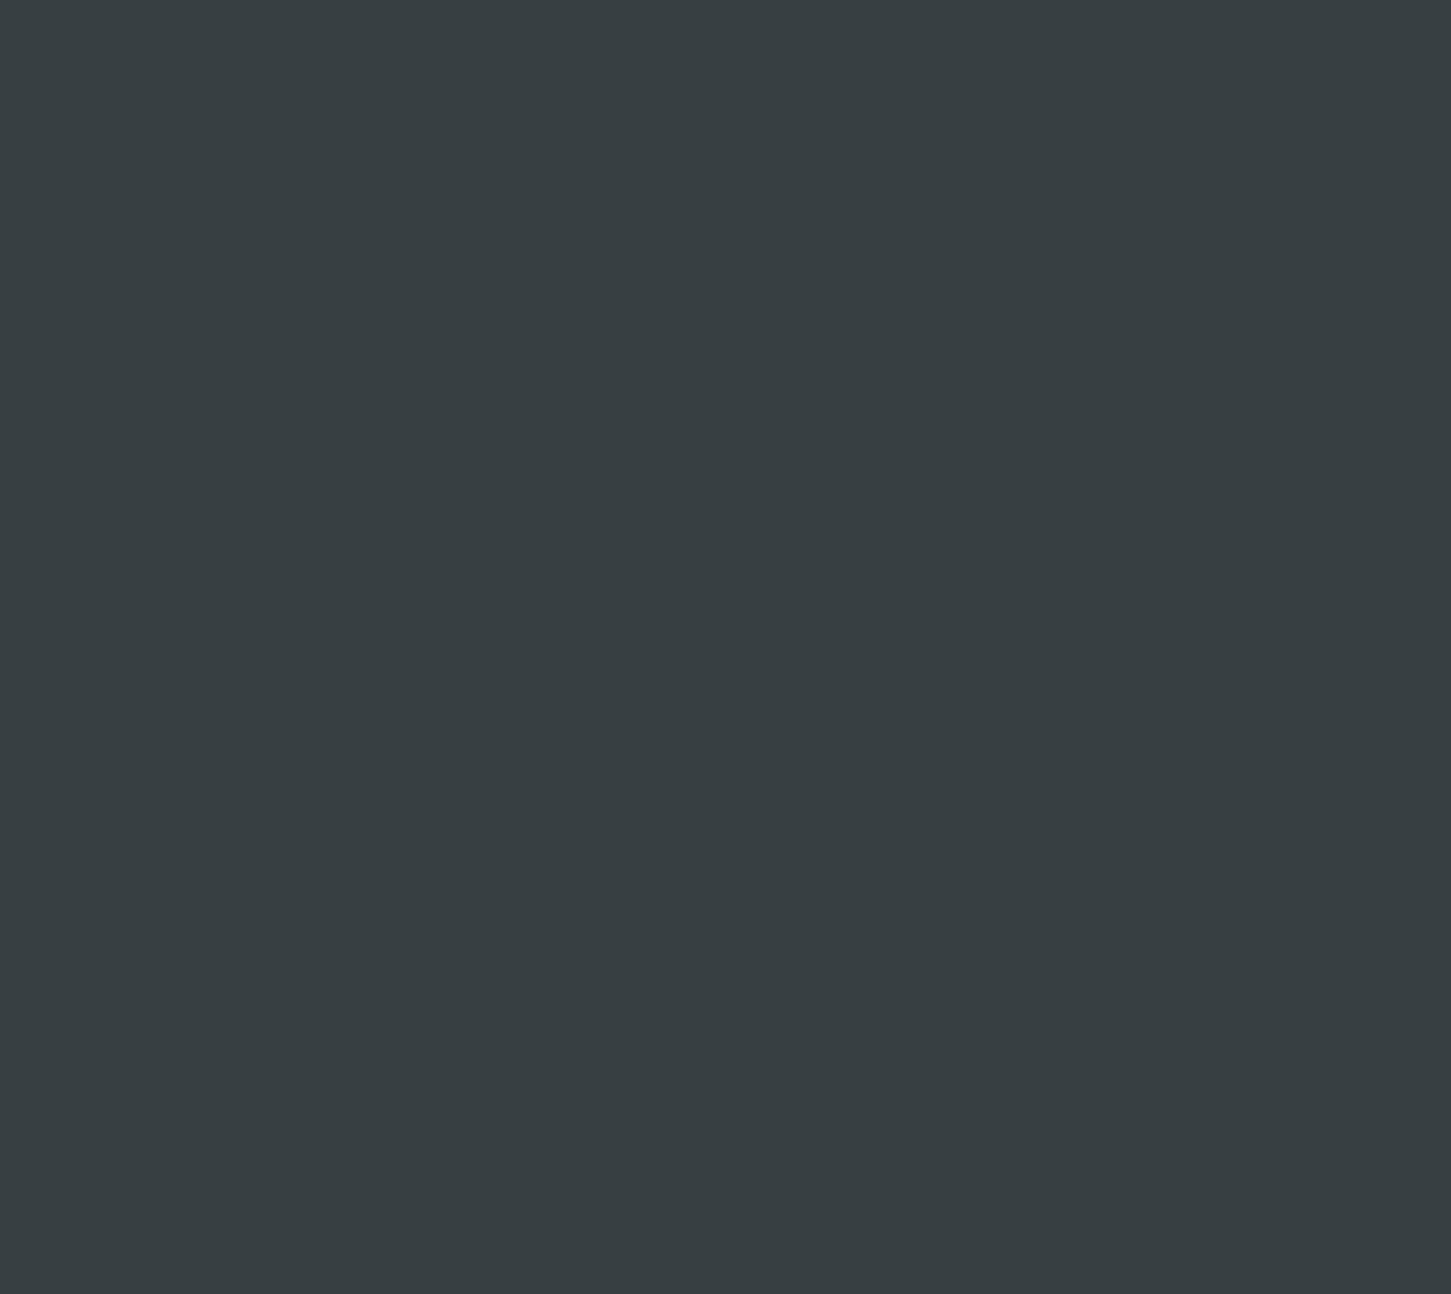 PU Bodenfarbe Versiegelung RAL-Farben Betonfarbe   BEKATEQ LS-470 Bodenversiegelung Betonversiegelung Fuß bodenfarbe   Kunstharzboden Sockelfarbe Kunststoffbeschichtung (10L, RAL7001 Silbergrau)